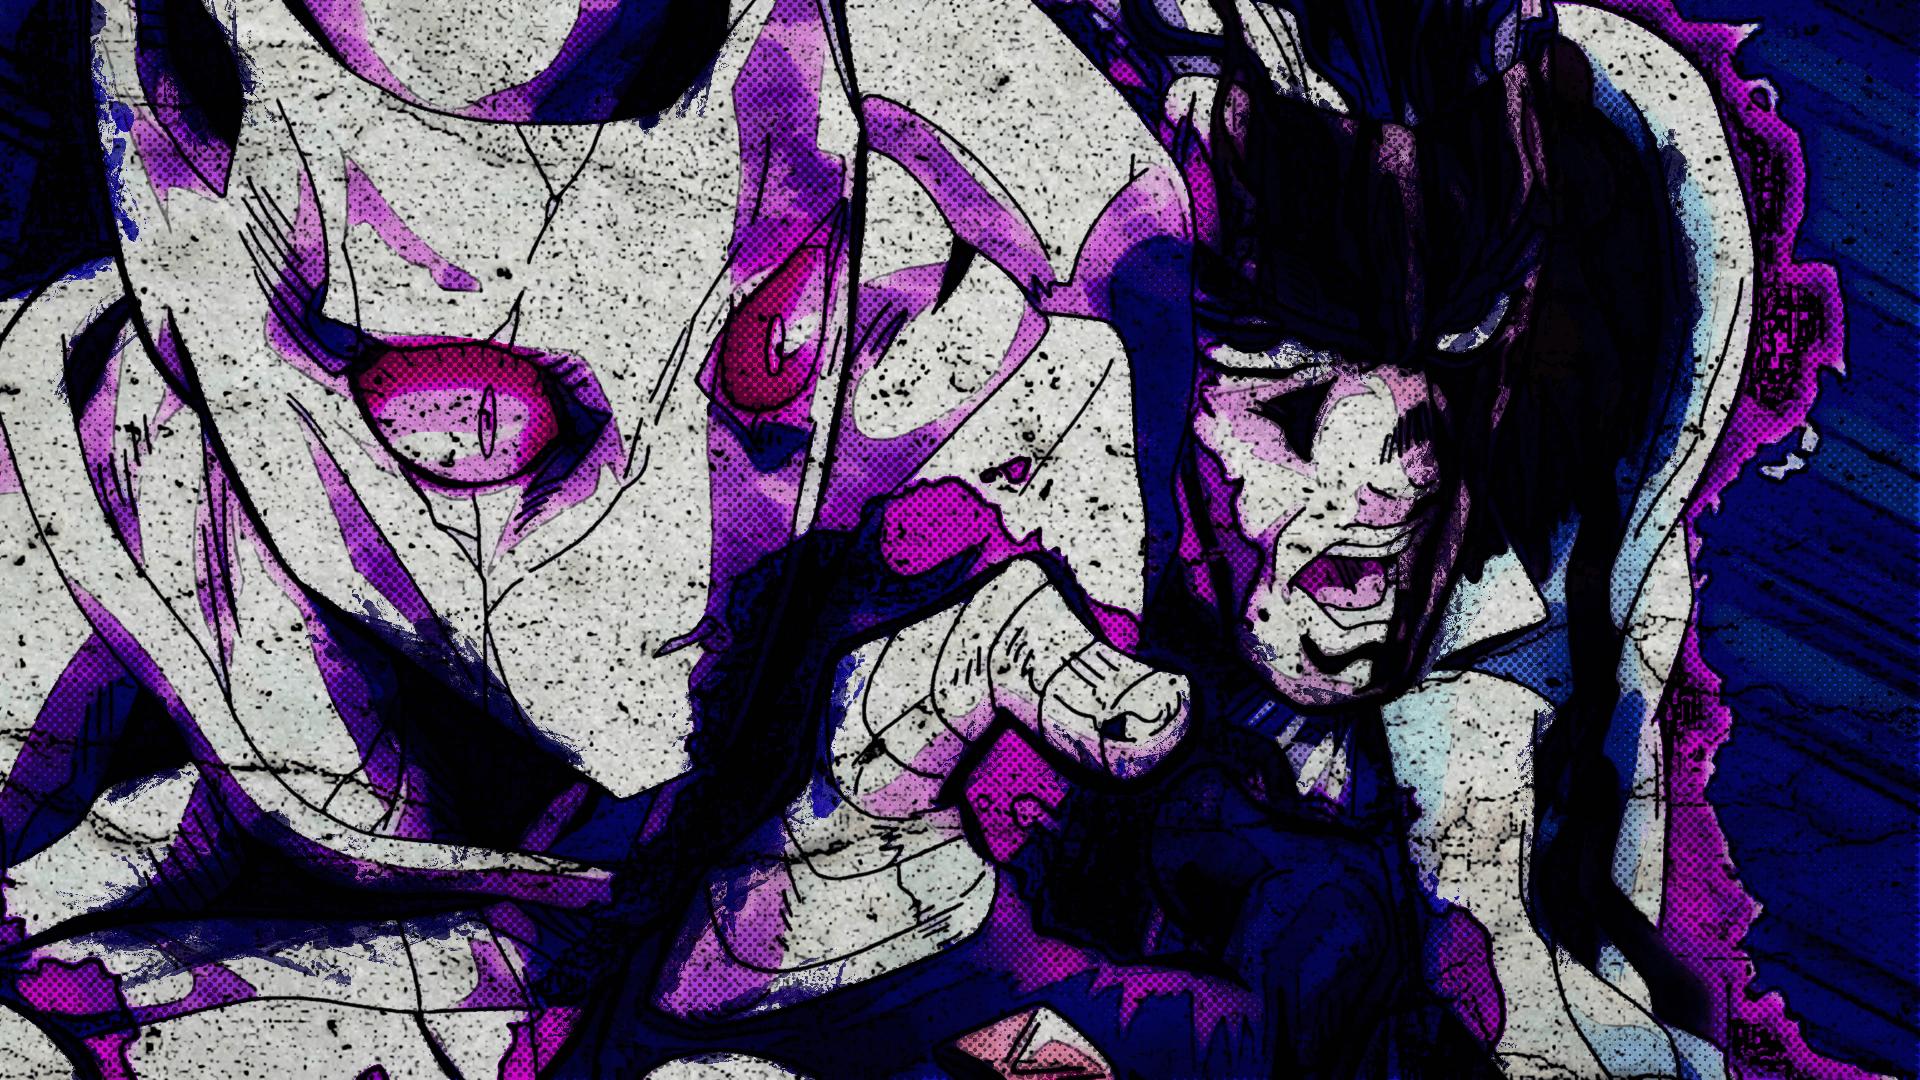 Kira Yoshikage Wallpapers - Wallpaper Cave